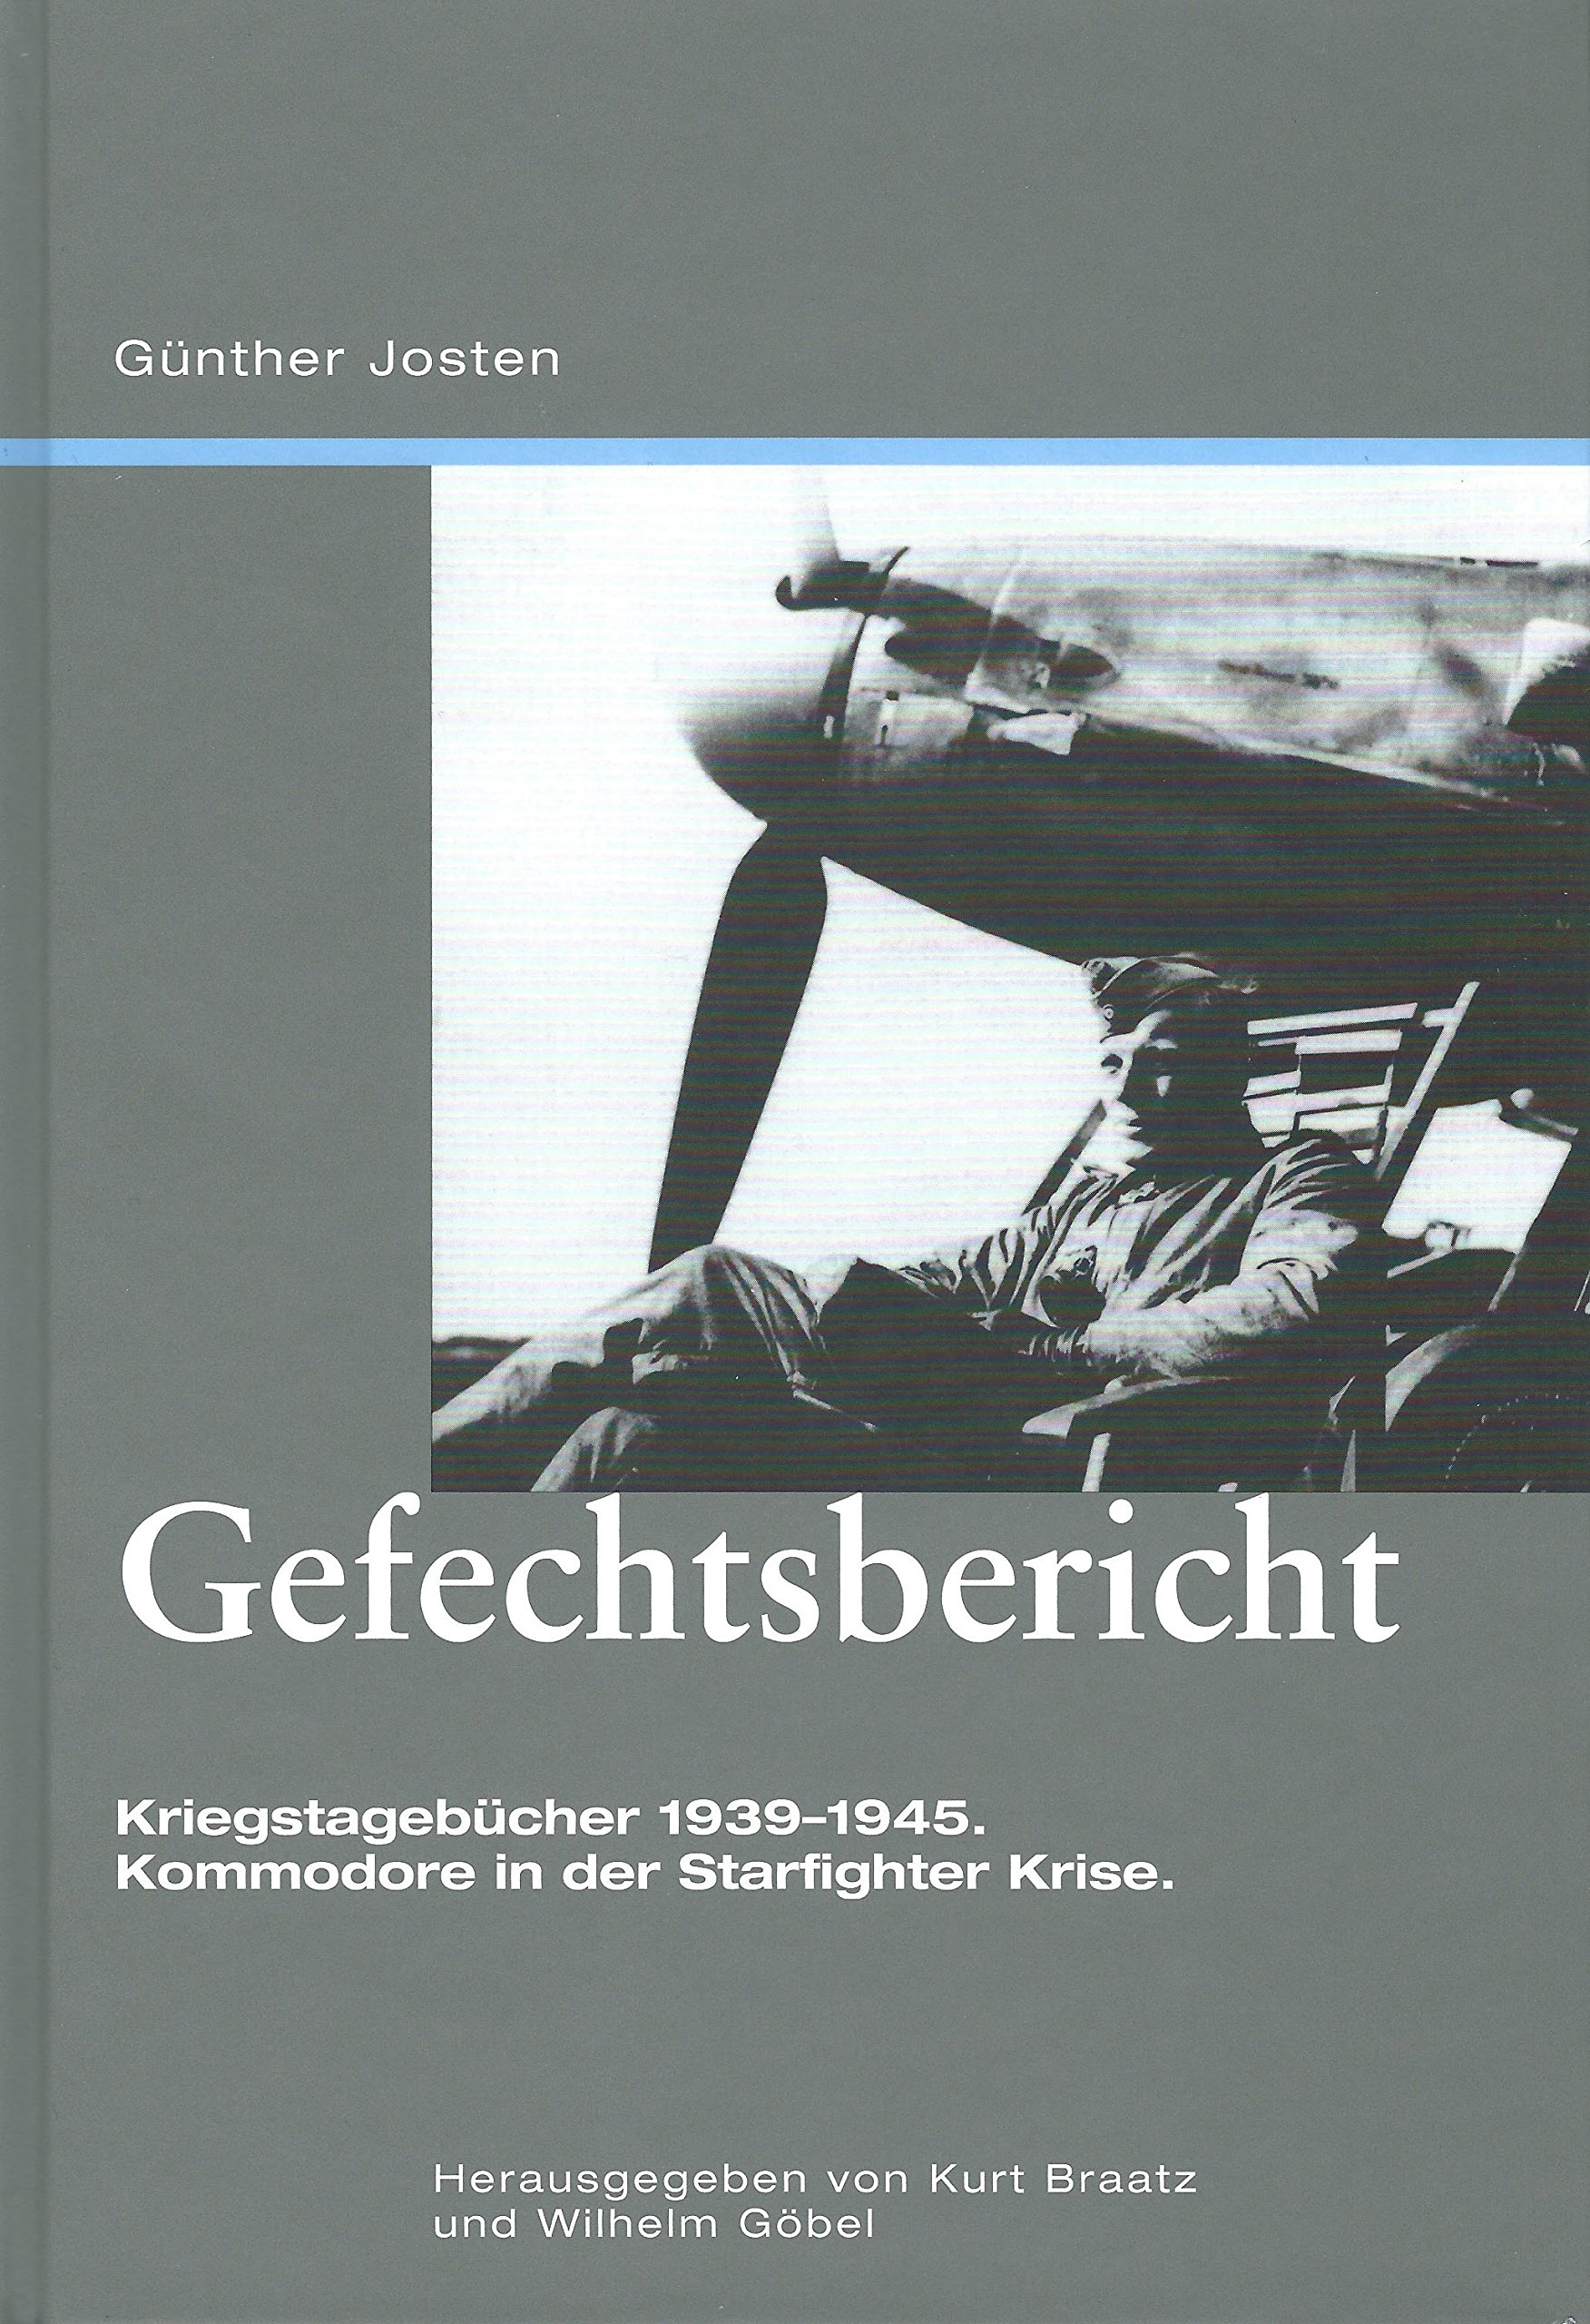 Gefechtsbericht: Kriegstagebücher 1939-1945. Kommodore in der Starfighter-Krise.